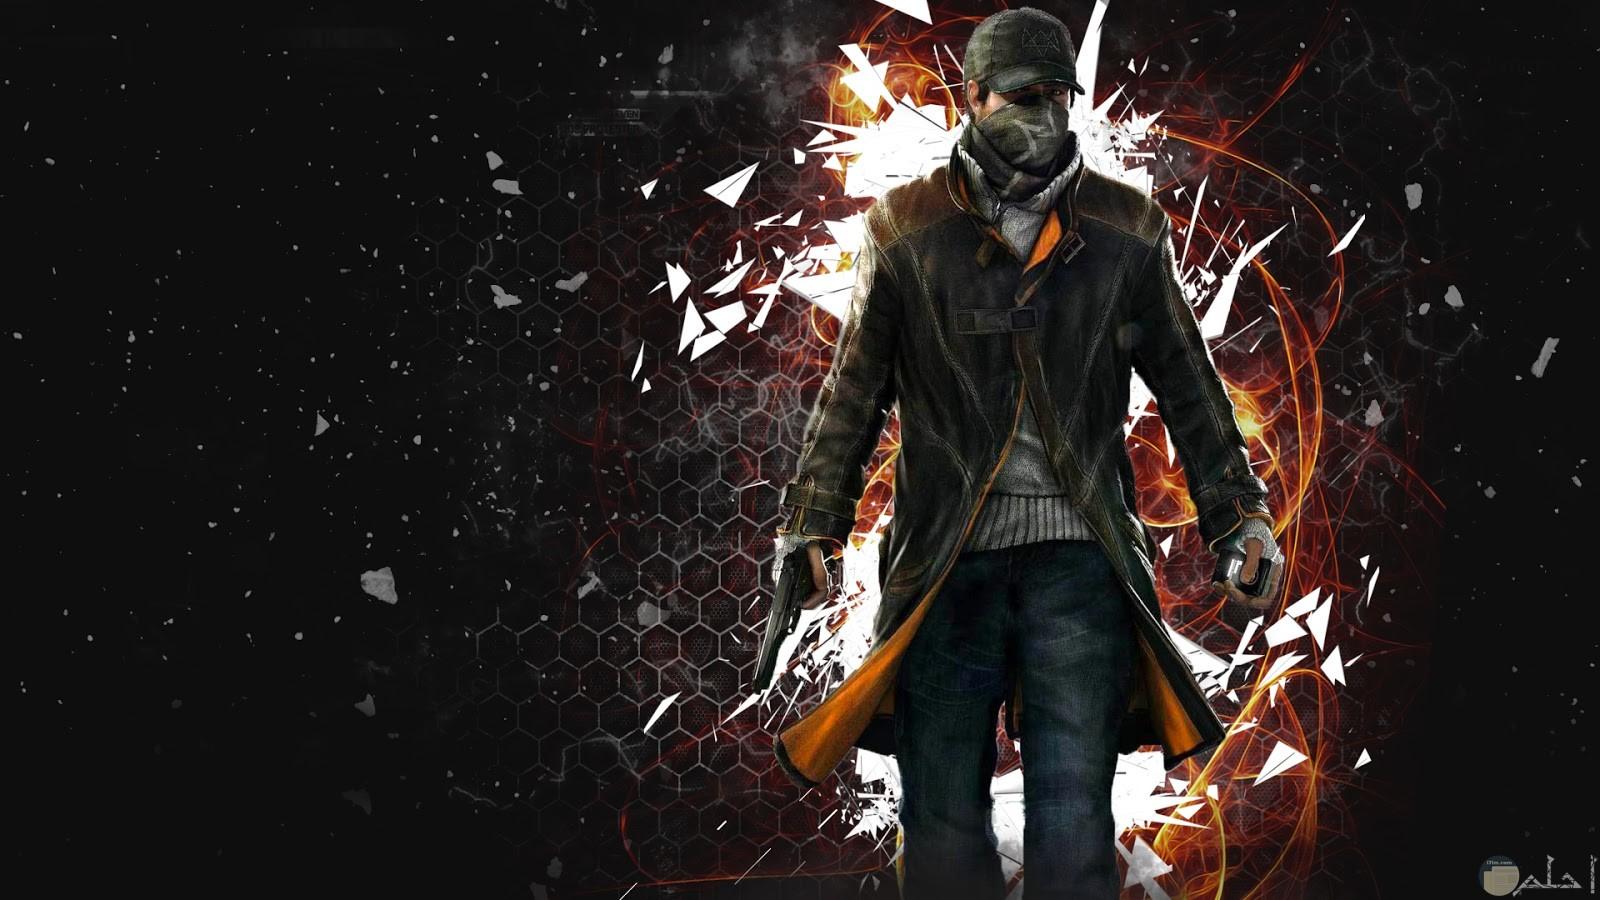 رجل يرتدي جاكيت زيتي وبنطلون جينز وملتم ويرتدي كاب وبيده خازنه رصاص واليد الاخري المسدس